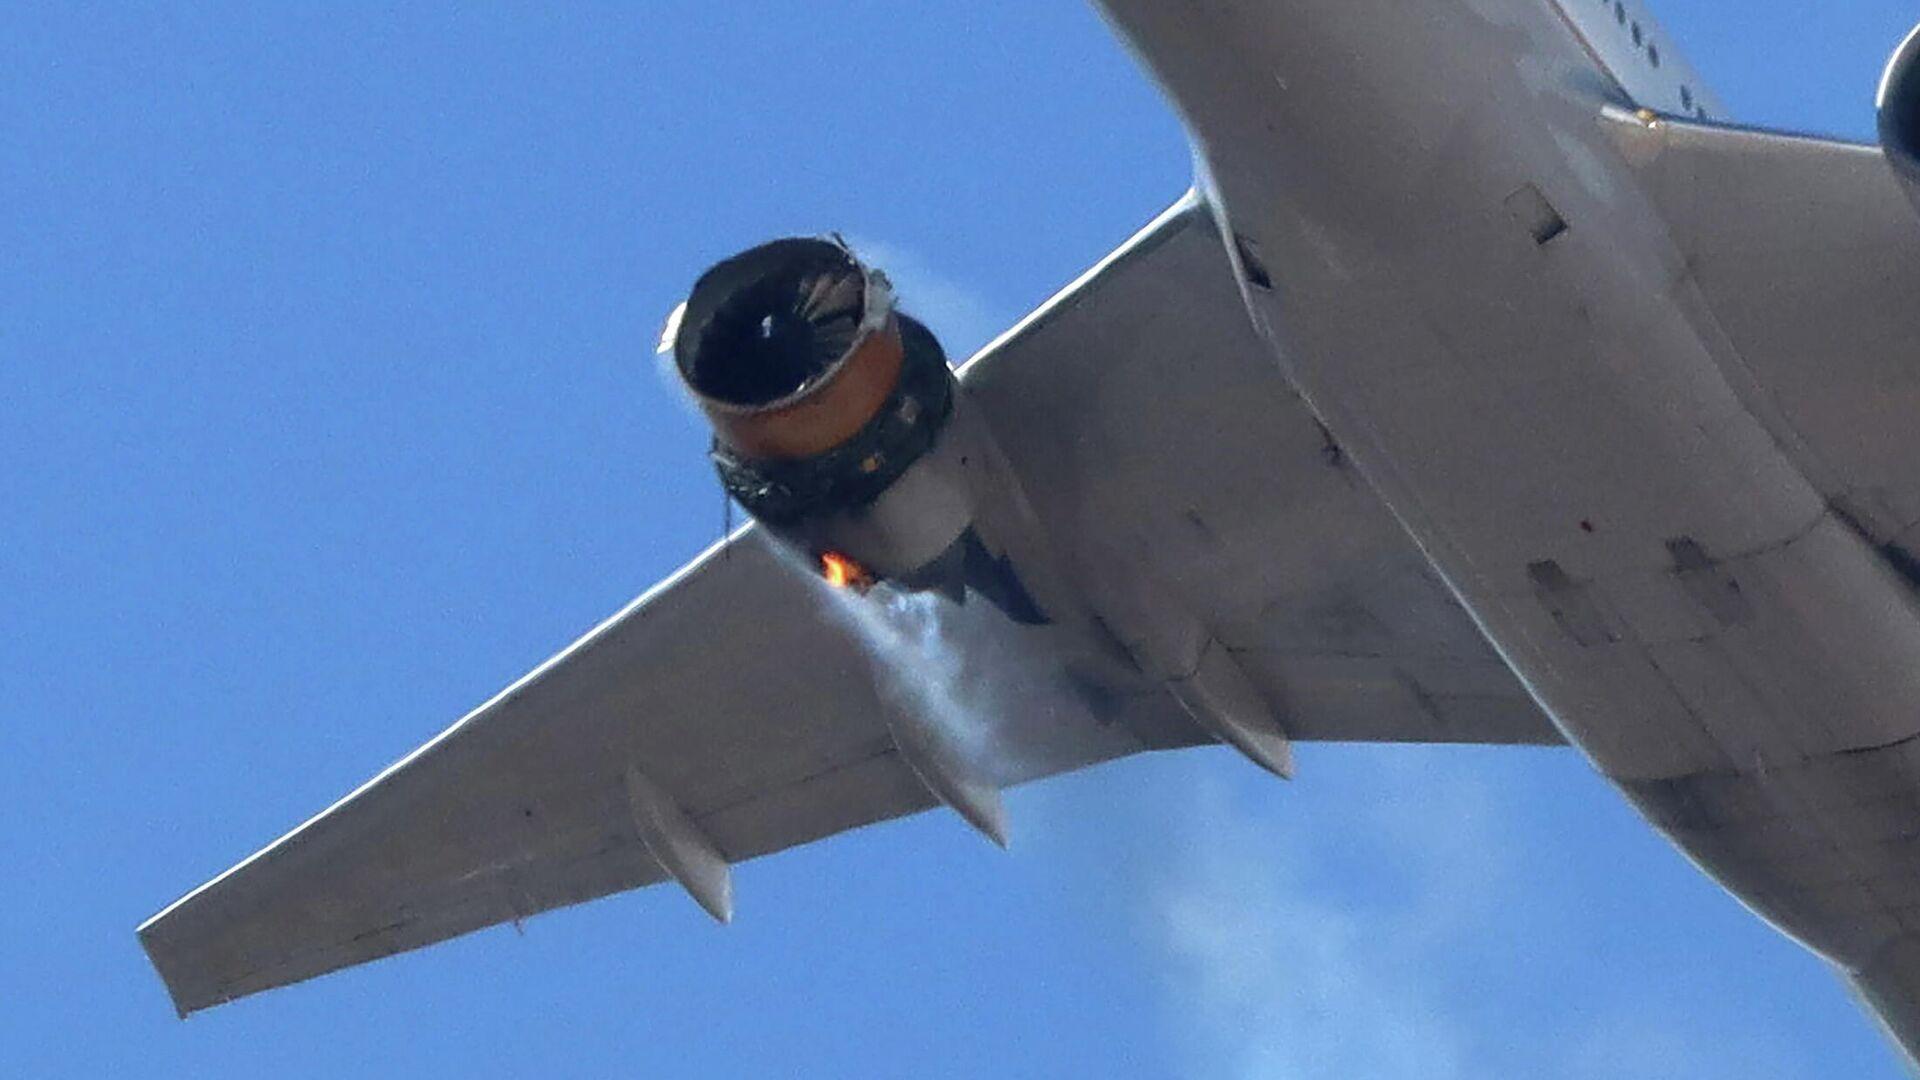 Vuelo UA328 de United Airlines el 20 de febrero de 2021 - Sputnik Mundo, 1920, 21.02.2021